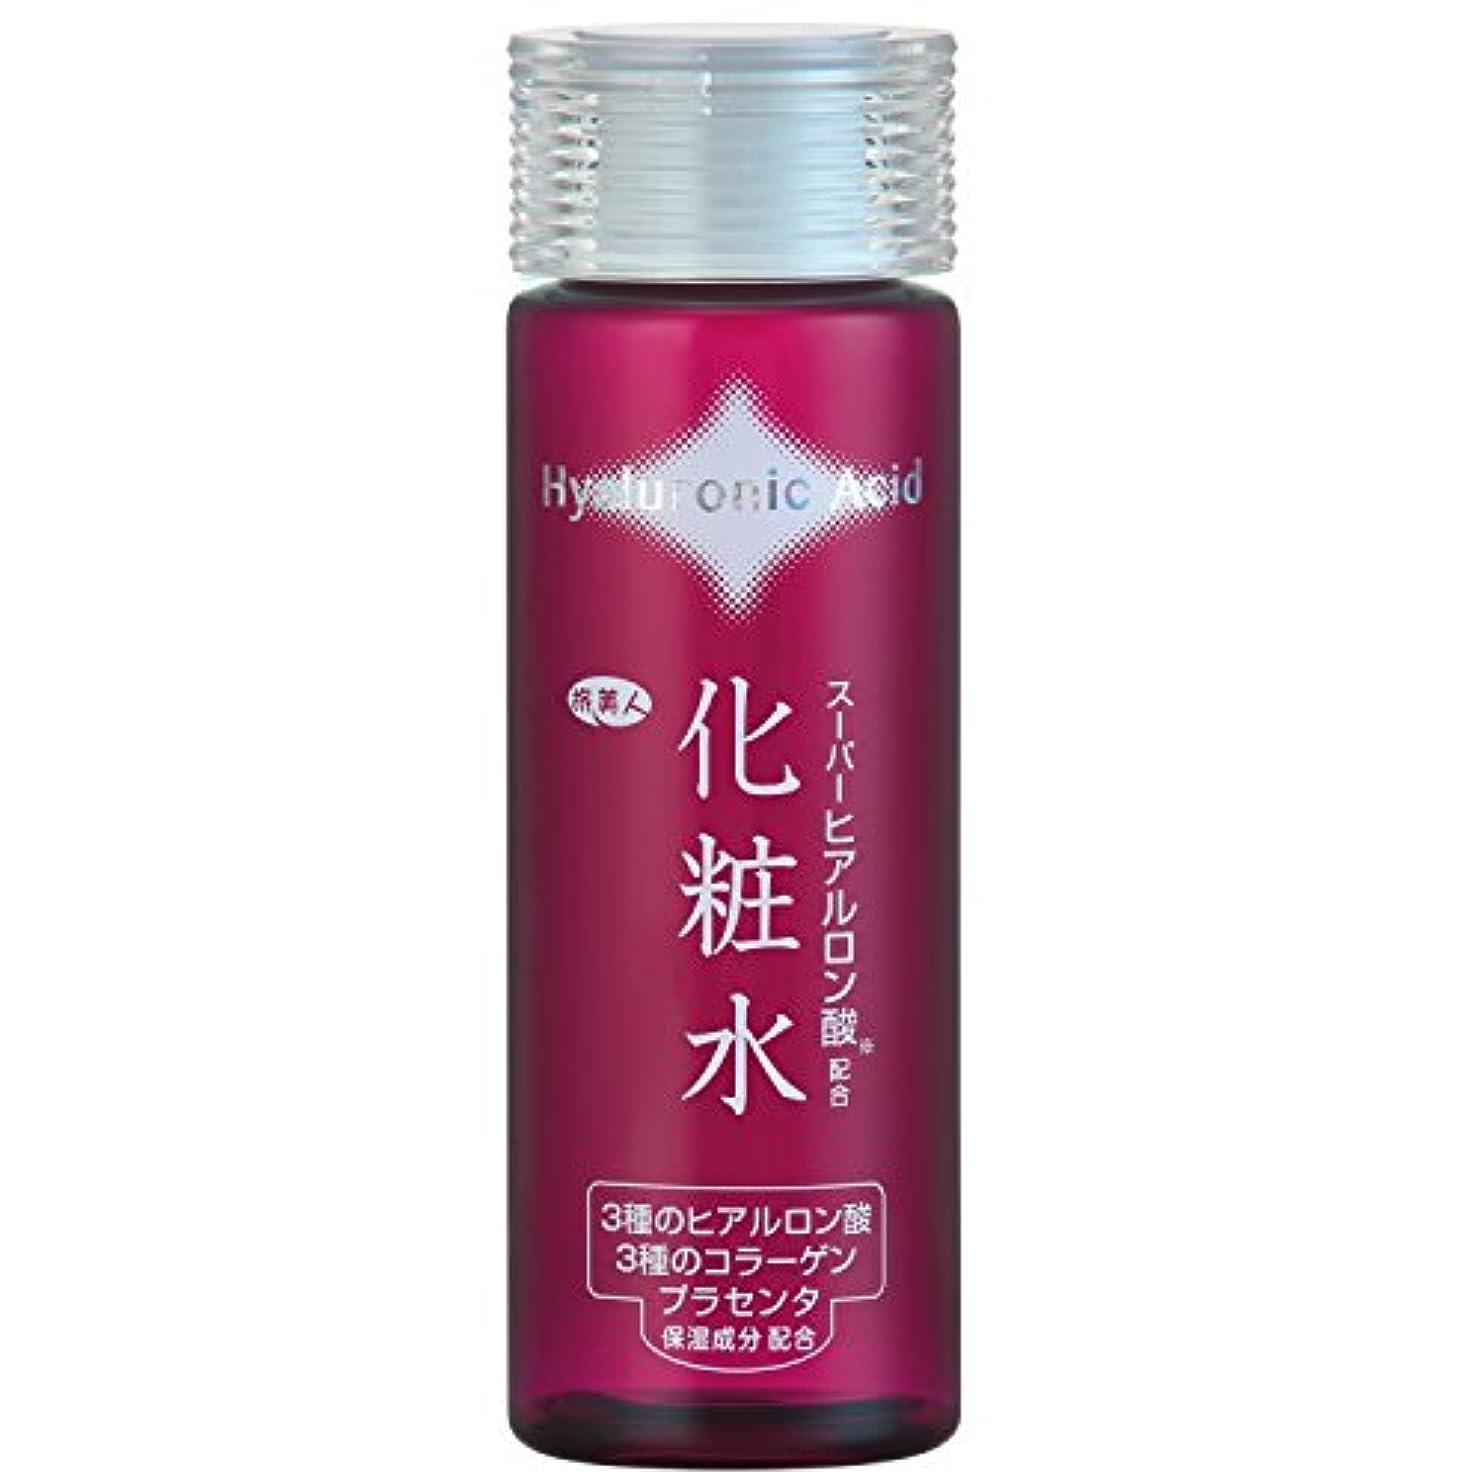 アズマ商事のスーパーヒアルロン酸配合化粧水